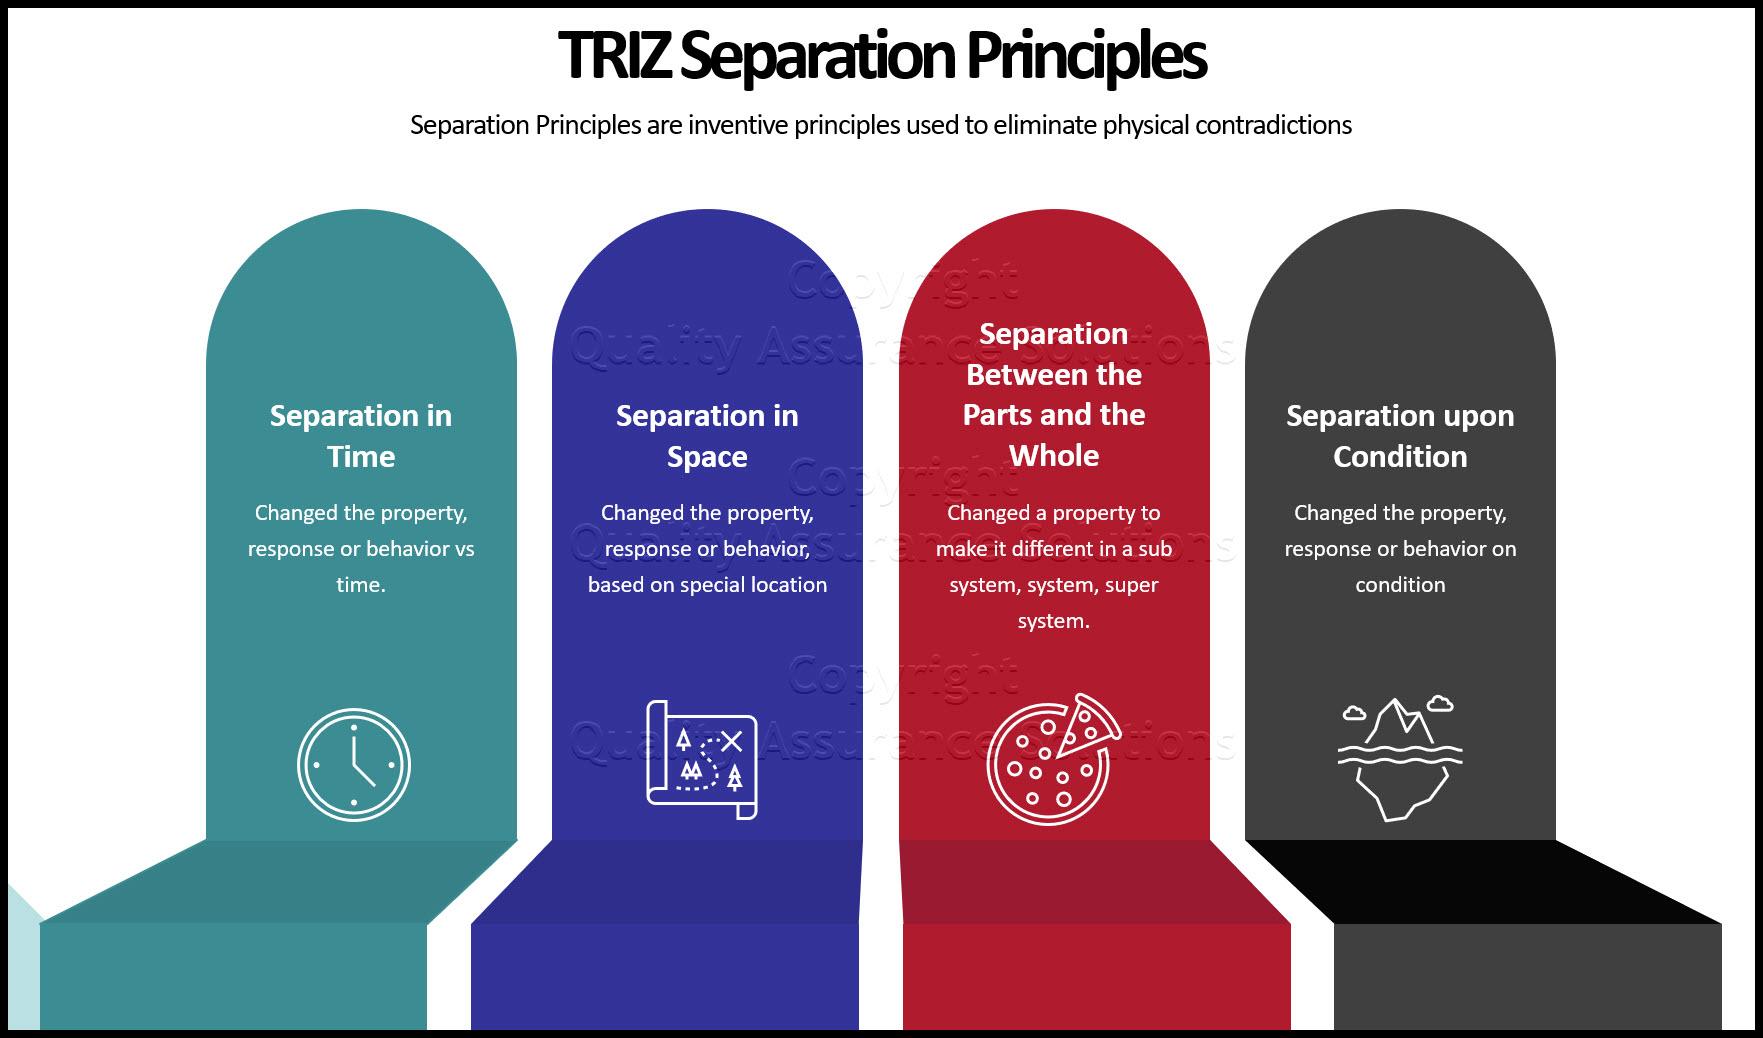 TRIZ Separation Principles business slide